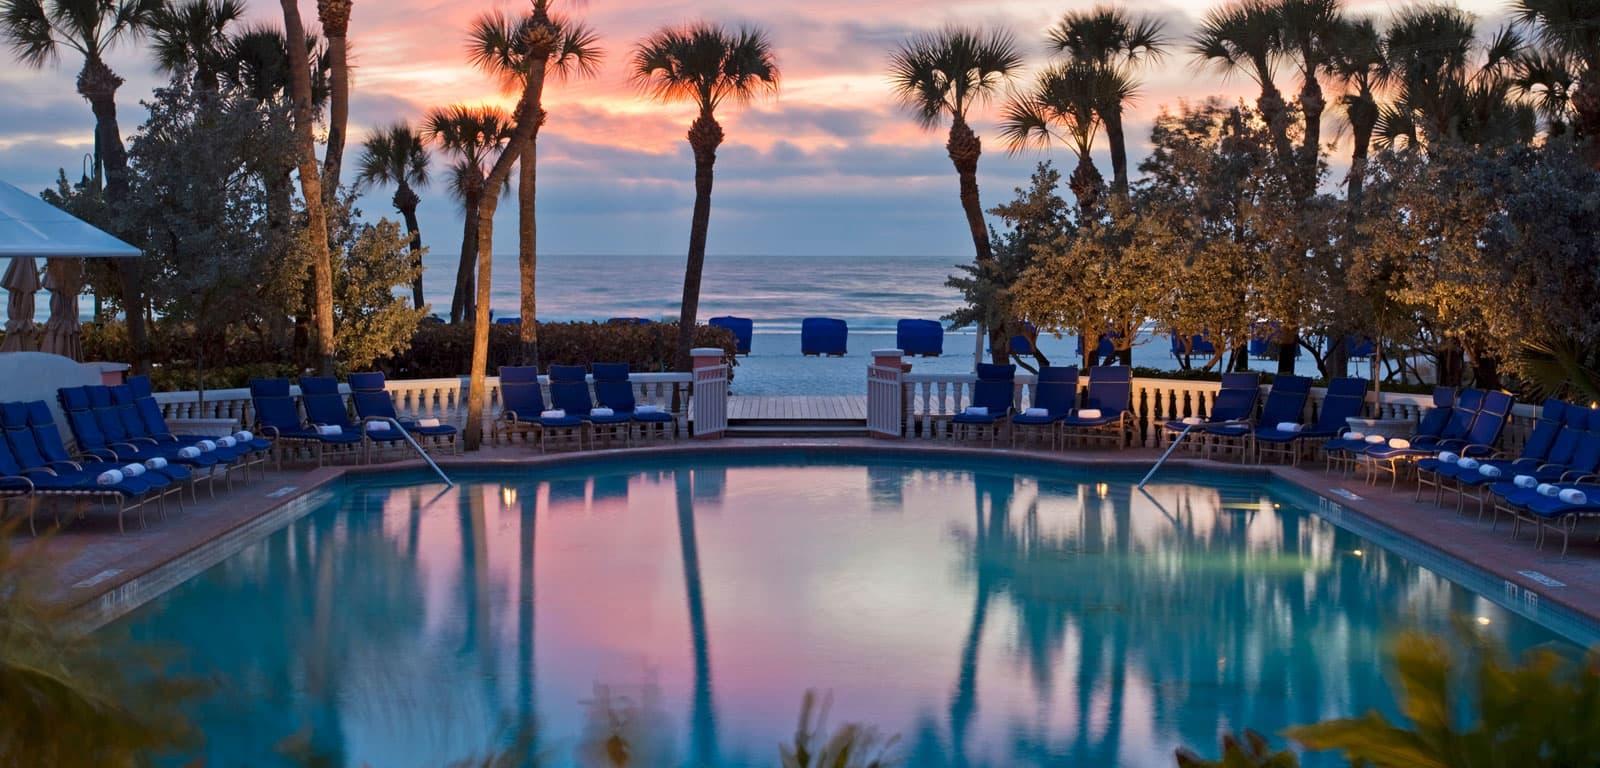 Sunset At Resort Pool